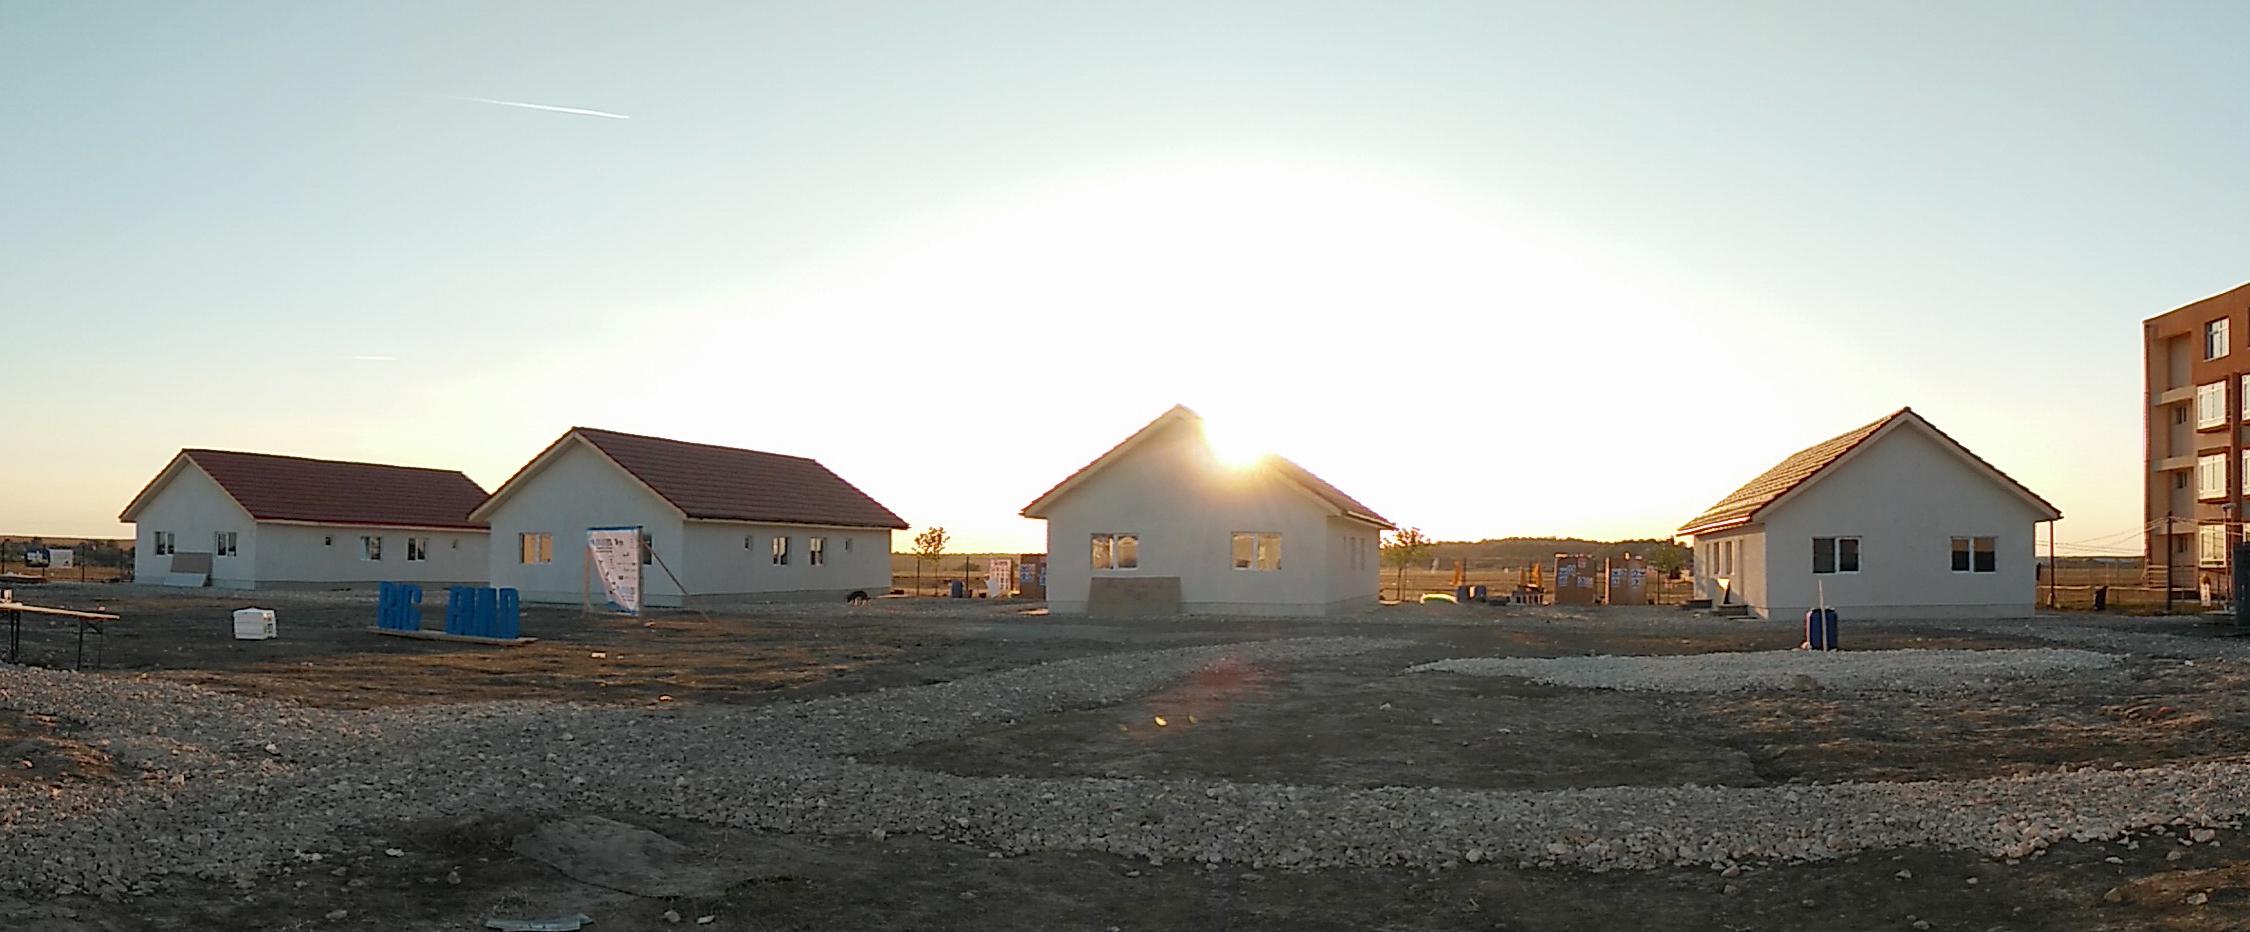 Habitat for Humanity România a construit 8 case în 5 zile, la Cumpăna